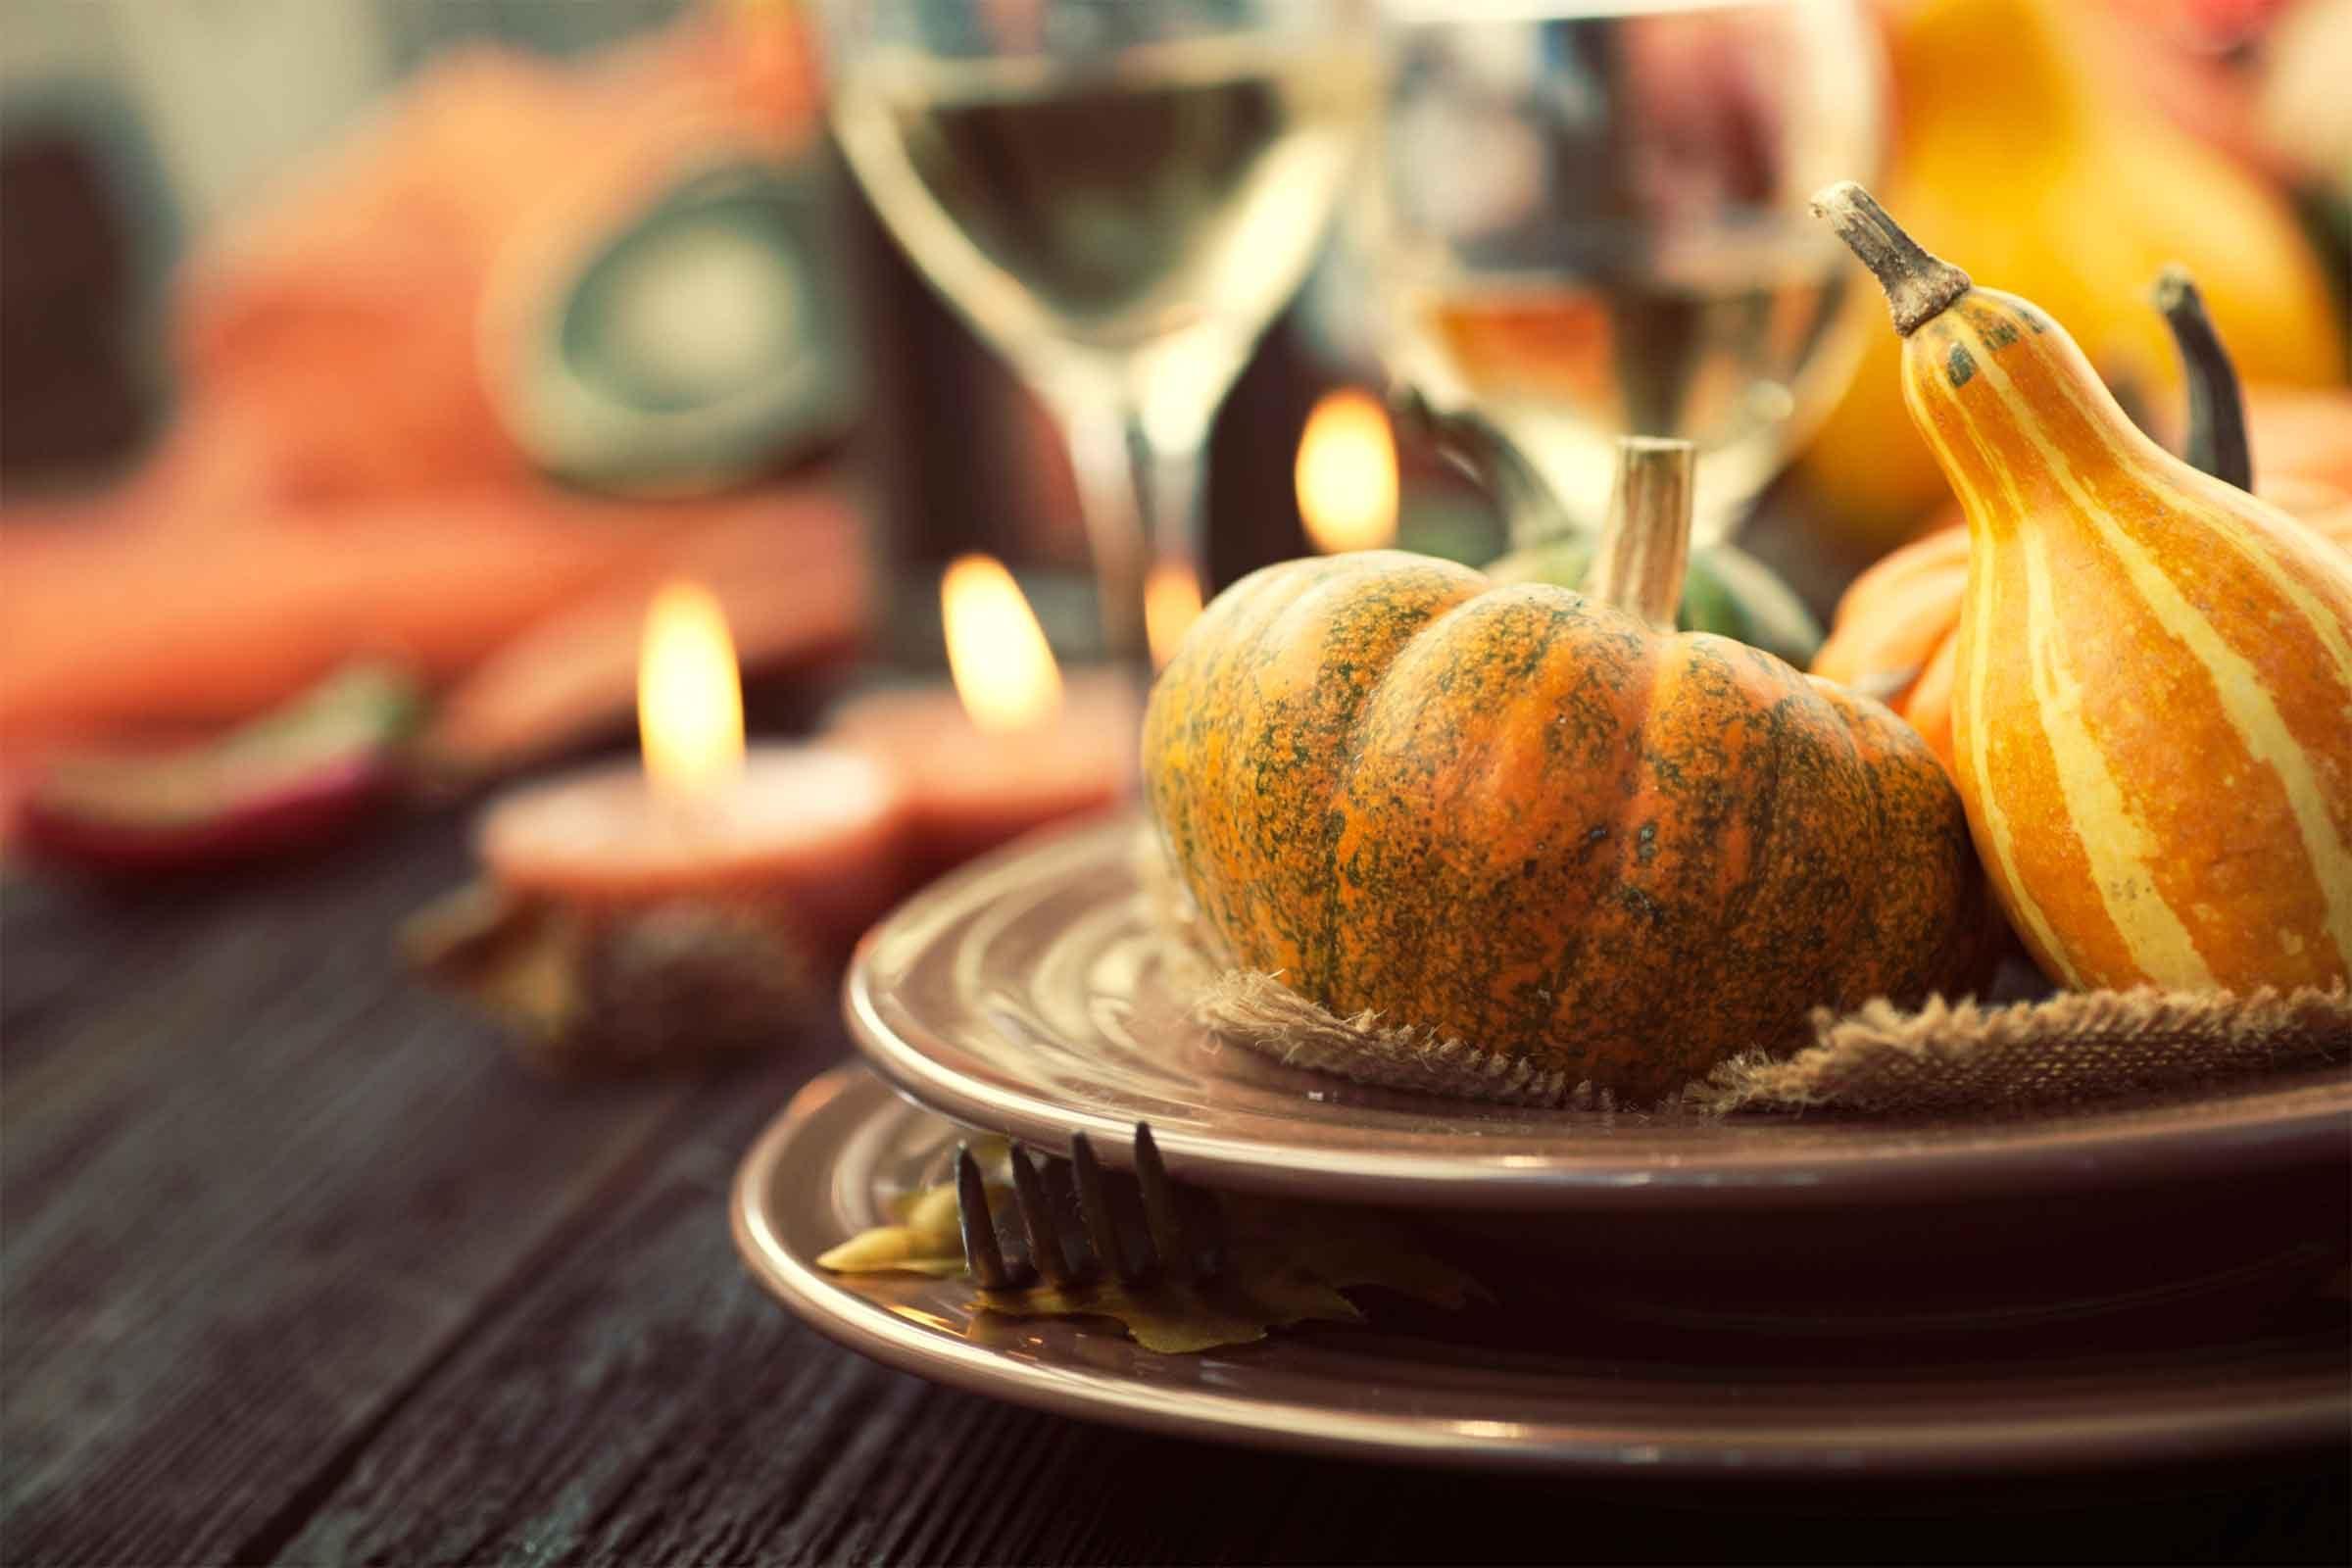 Thanksgiving Table thanksgiving table setting tips for hosts | reader's digest